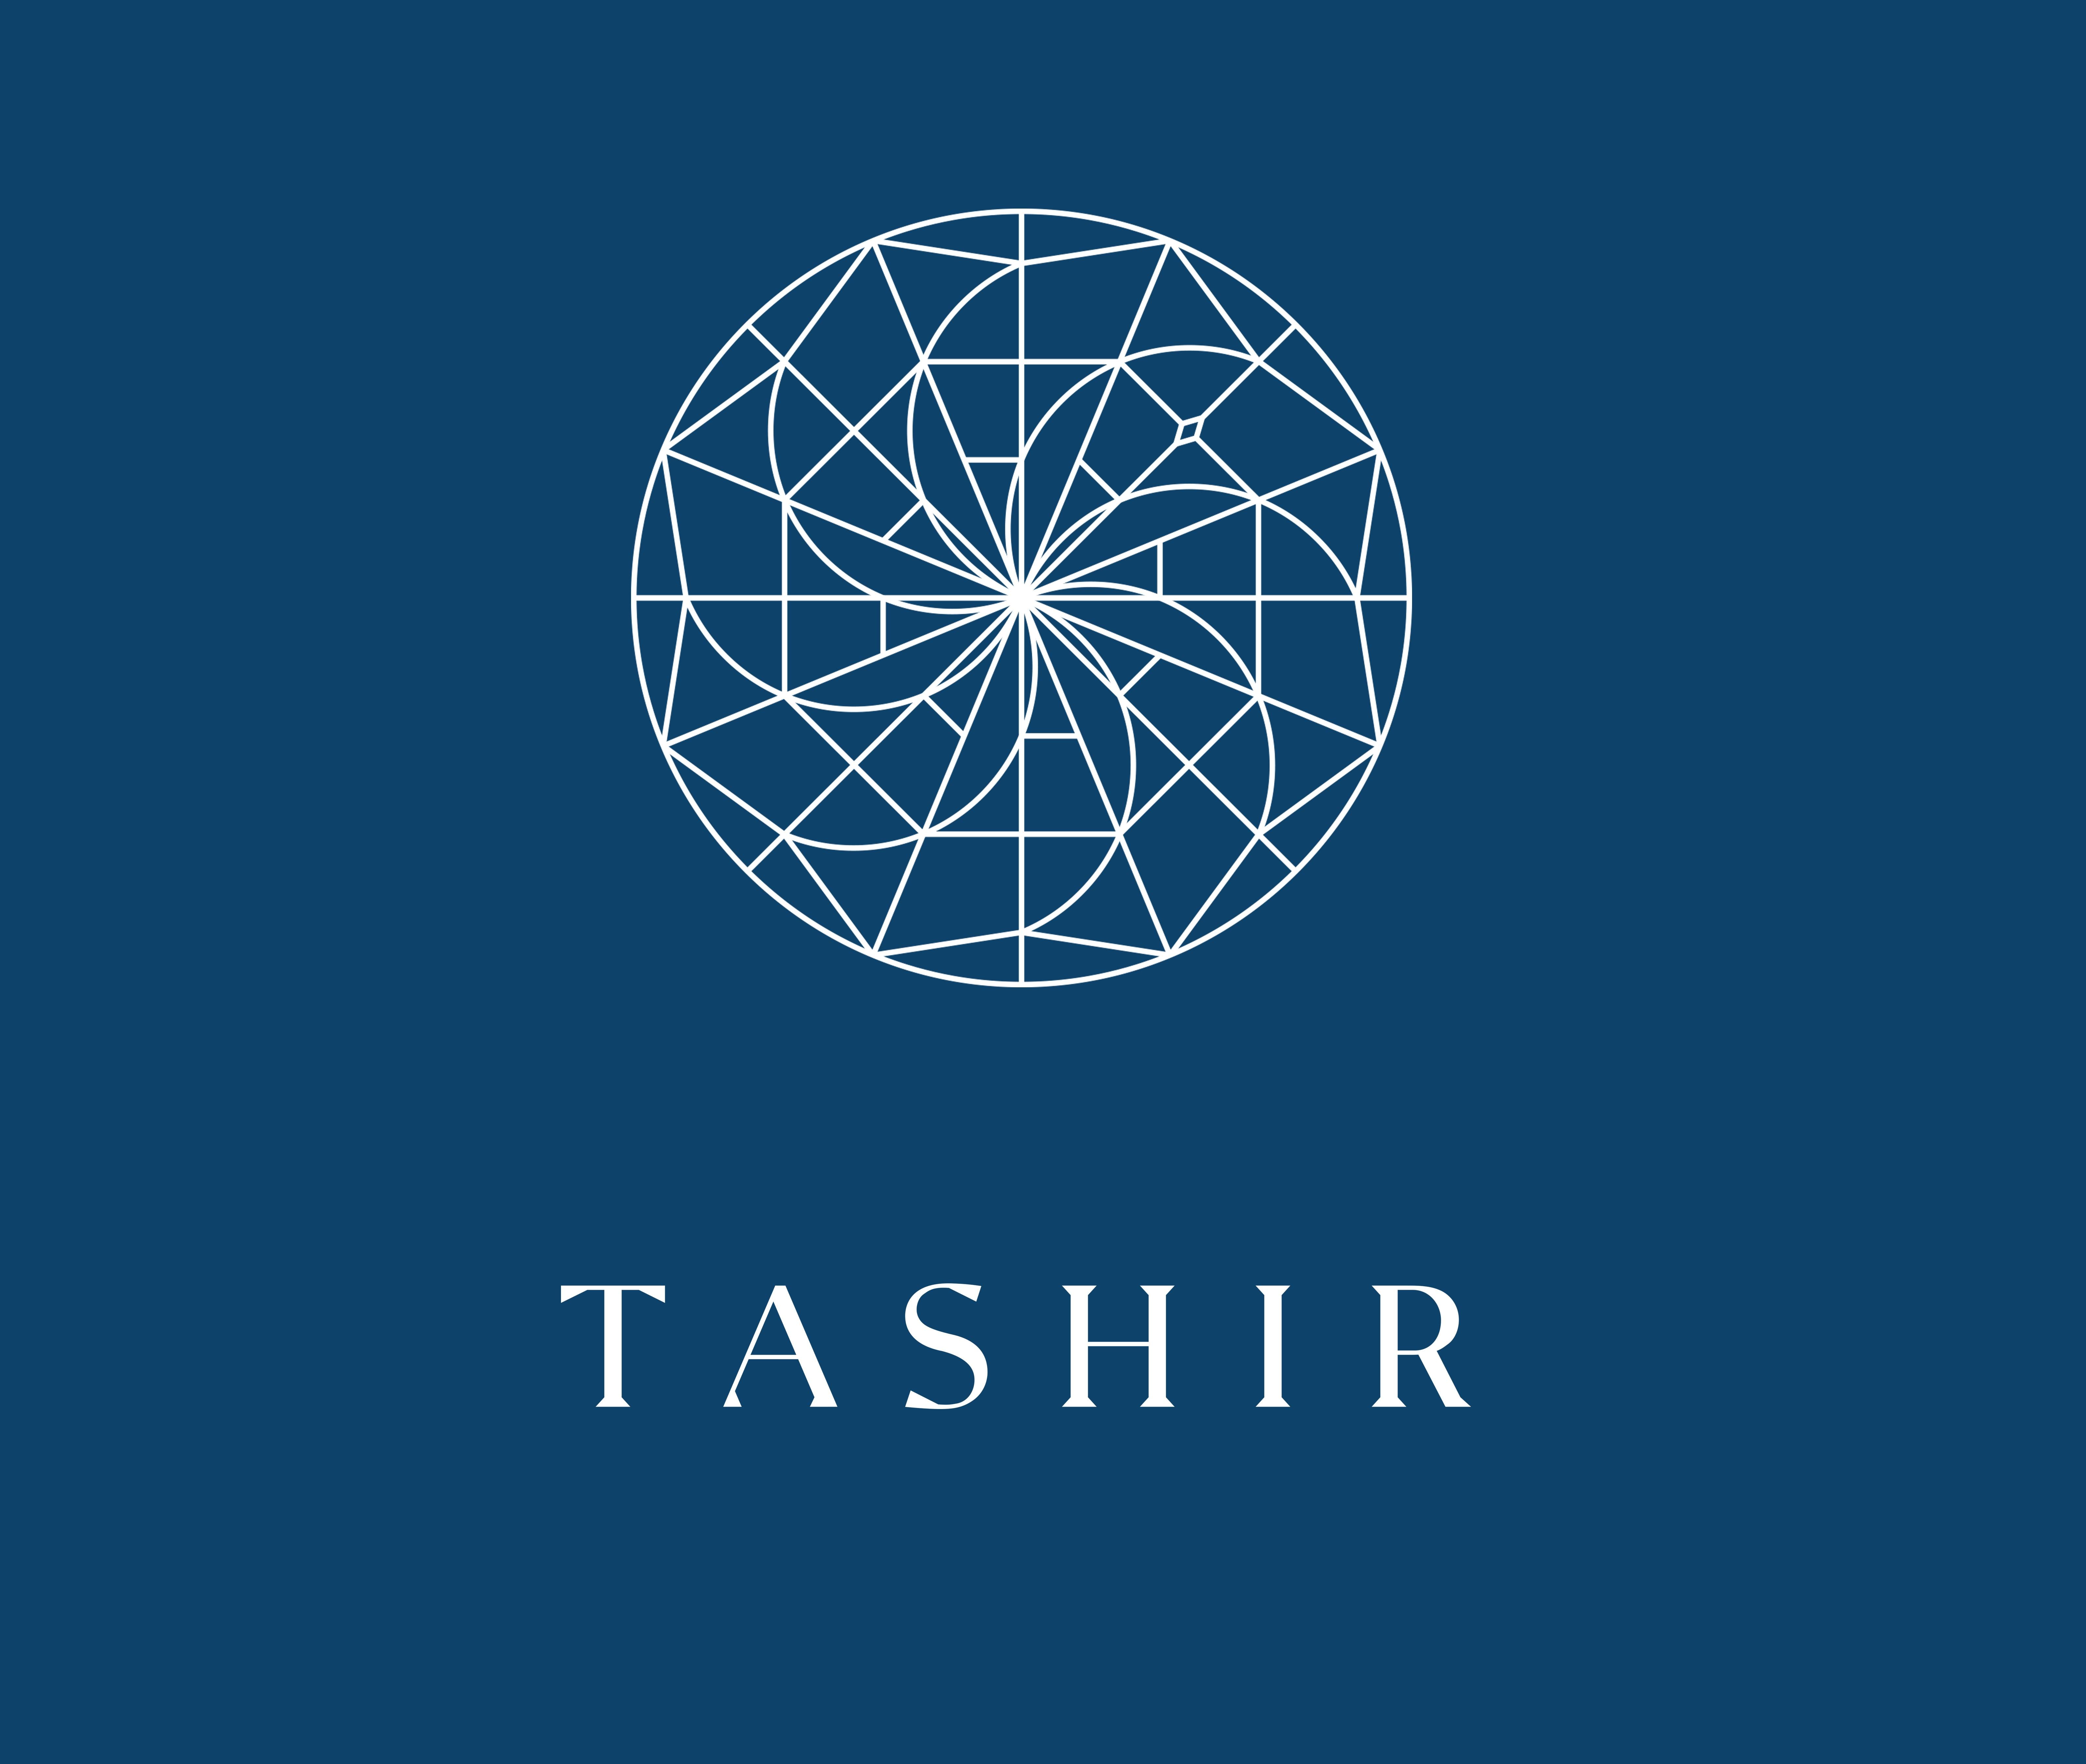 Tashir-grupp-riteyl.jpg